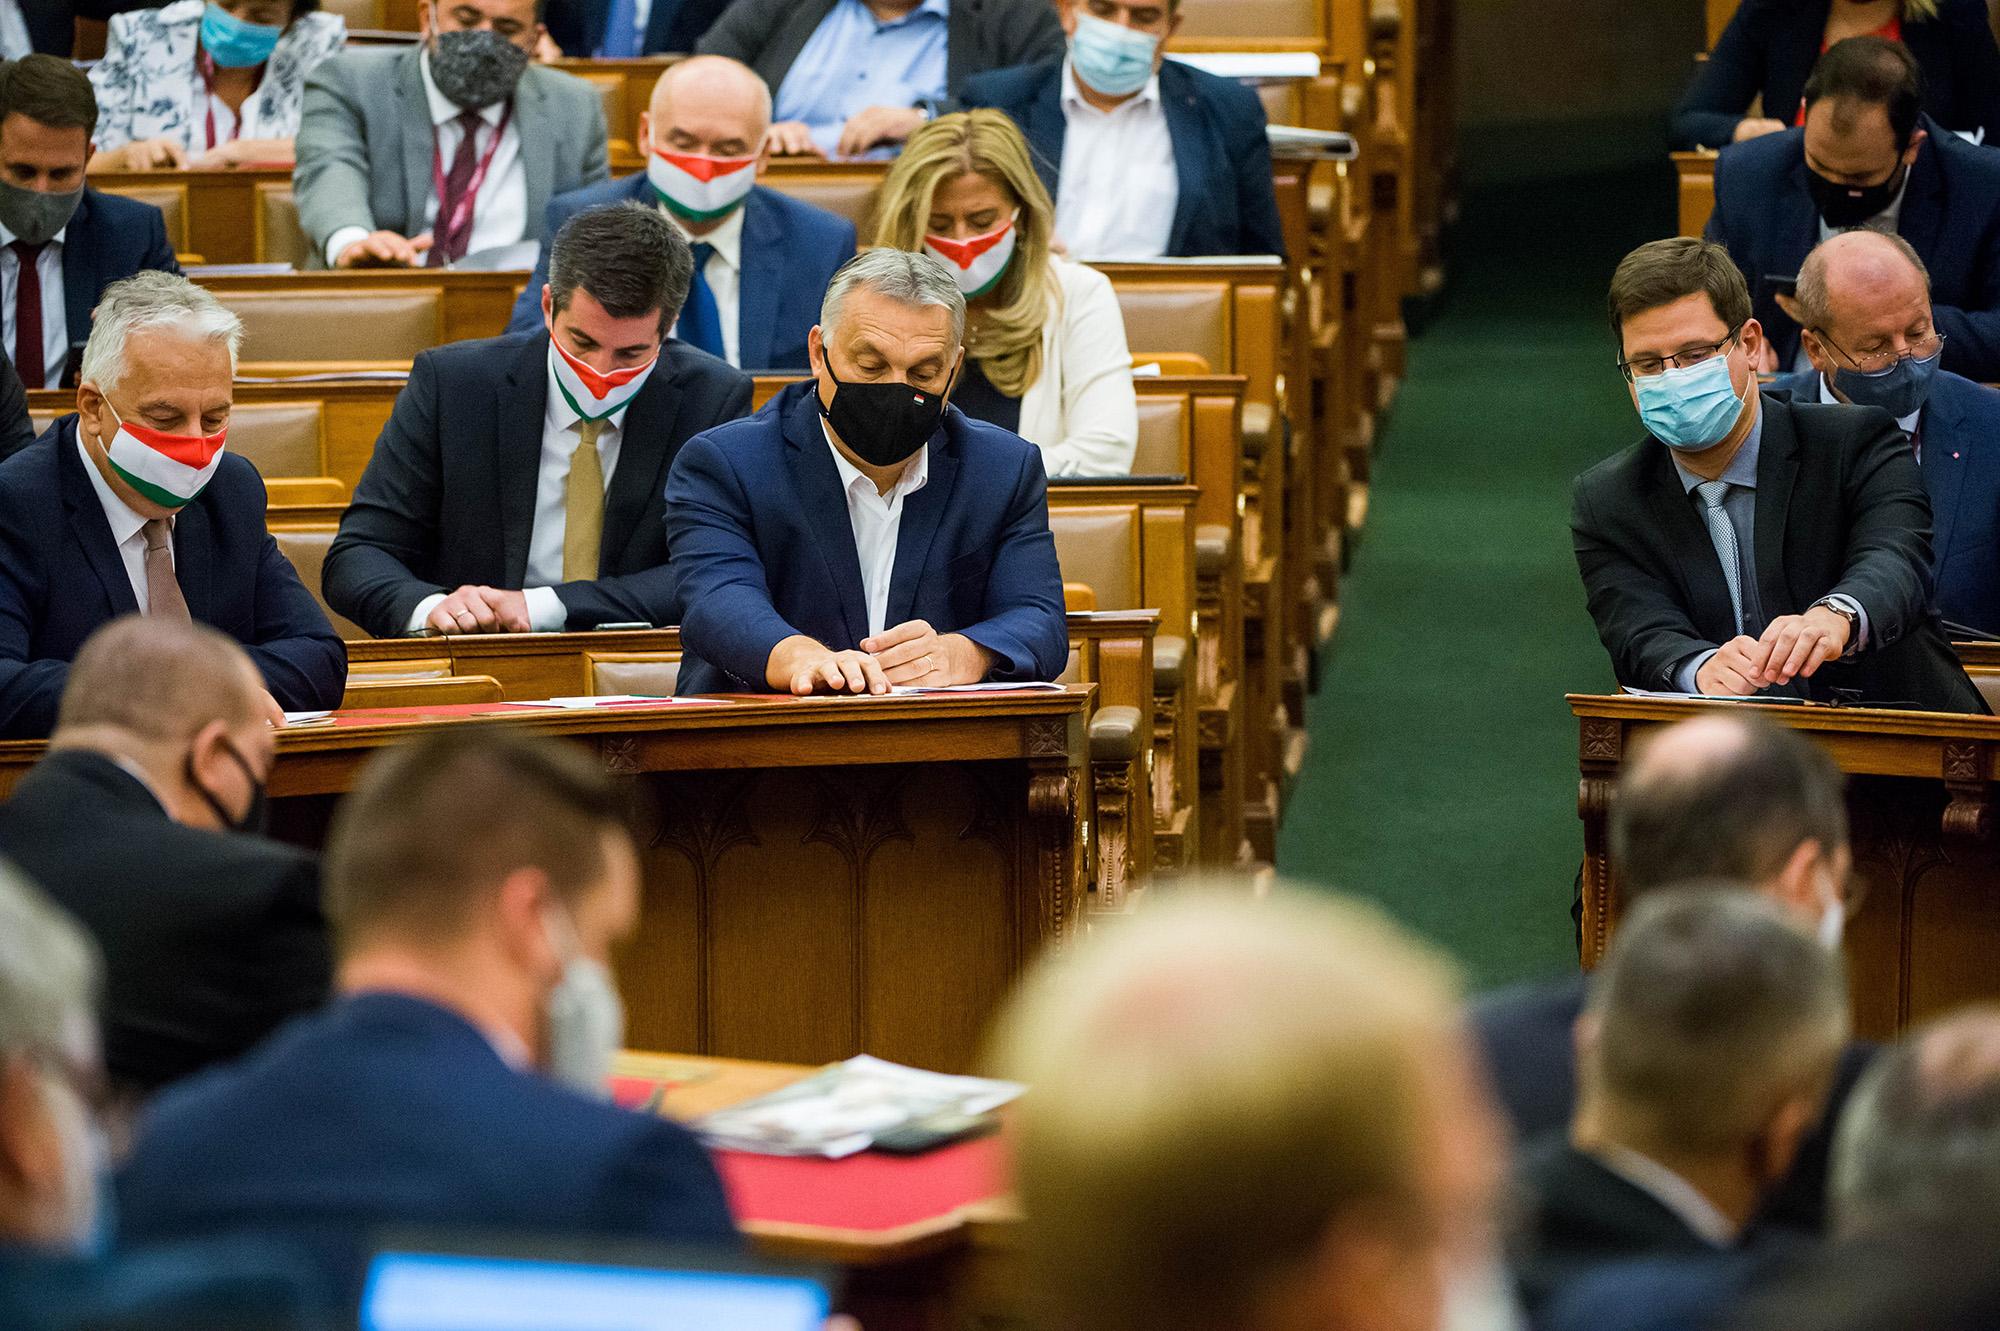 Budapest, 2020. november 10.Orbán Viktor miniszterelnök (k), Semjén Zsolt nemzetpolitikáért felelős miniszterelnök-helyettes (b) és Gulyás Gergely, a Miniszterelnökséget vezető miniszter (j) az Országgyűlés rendkívüli ülésén 2020. november 10-én.MTI/Balogh Zoltán